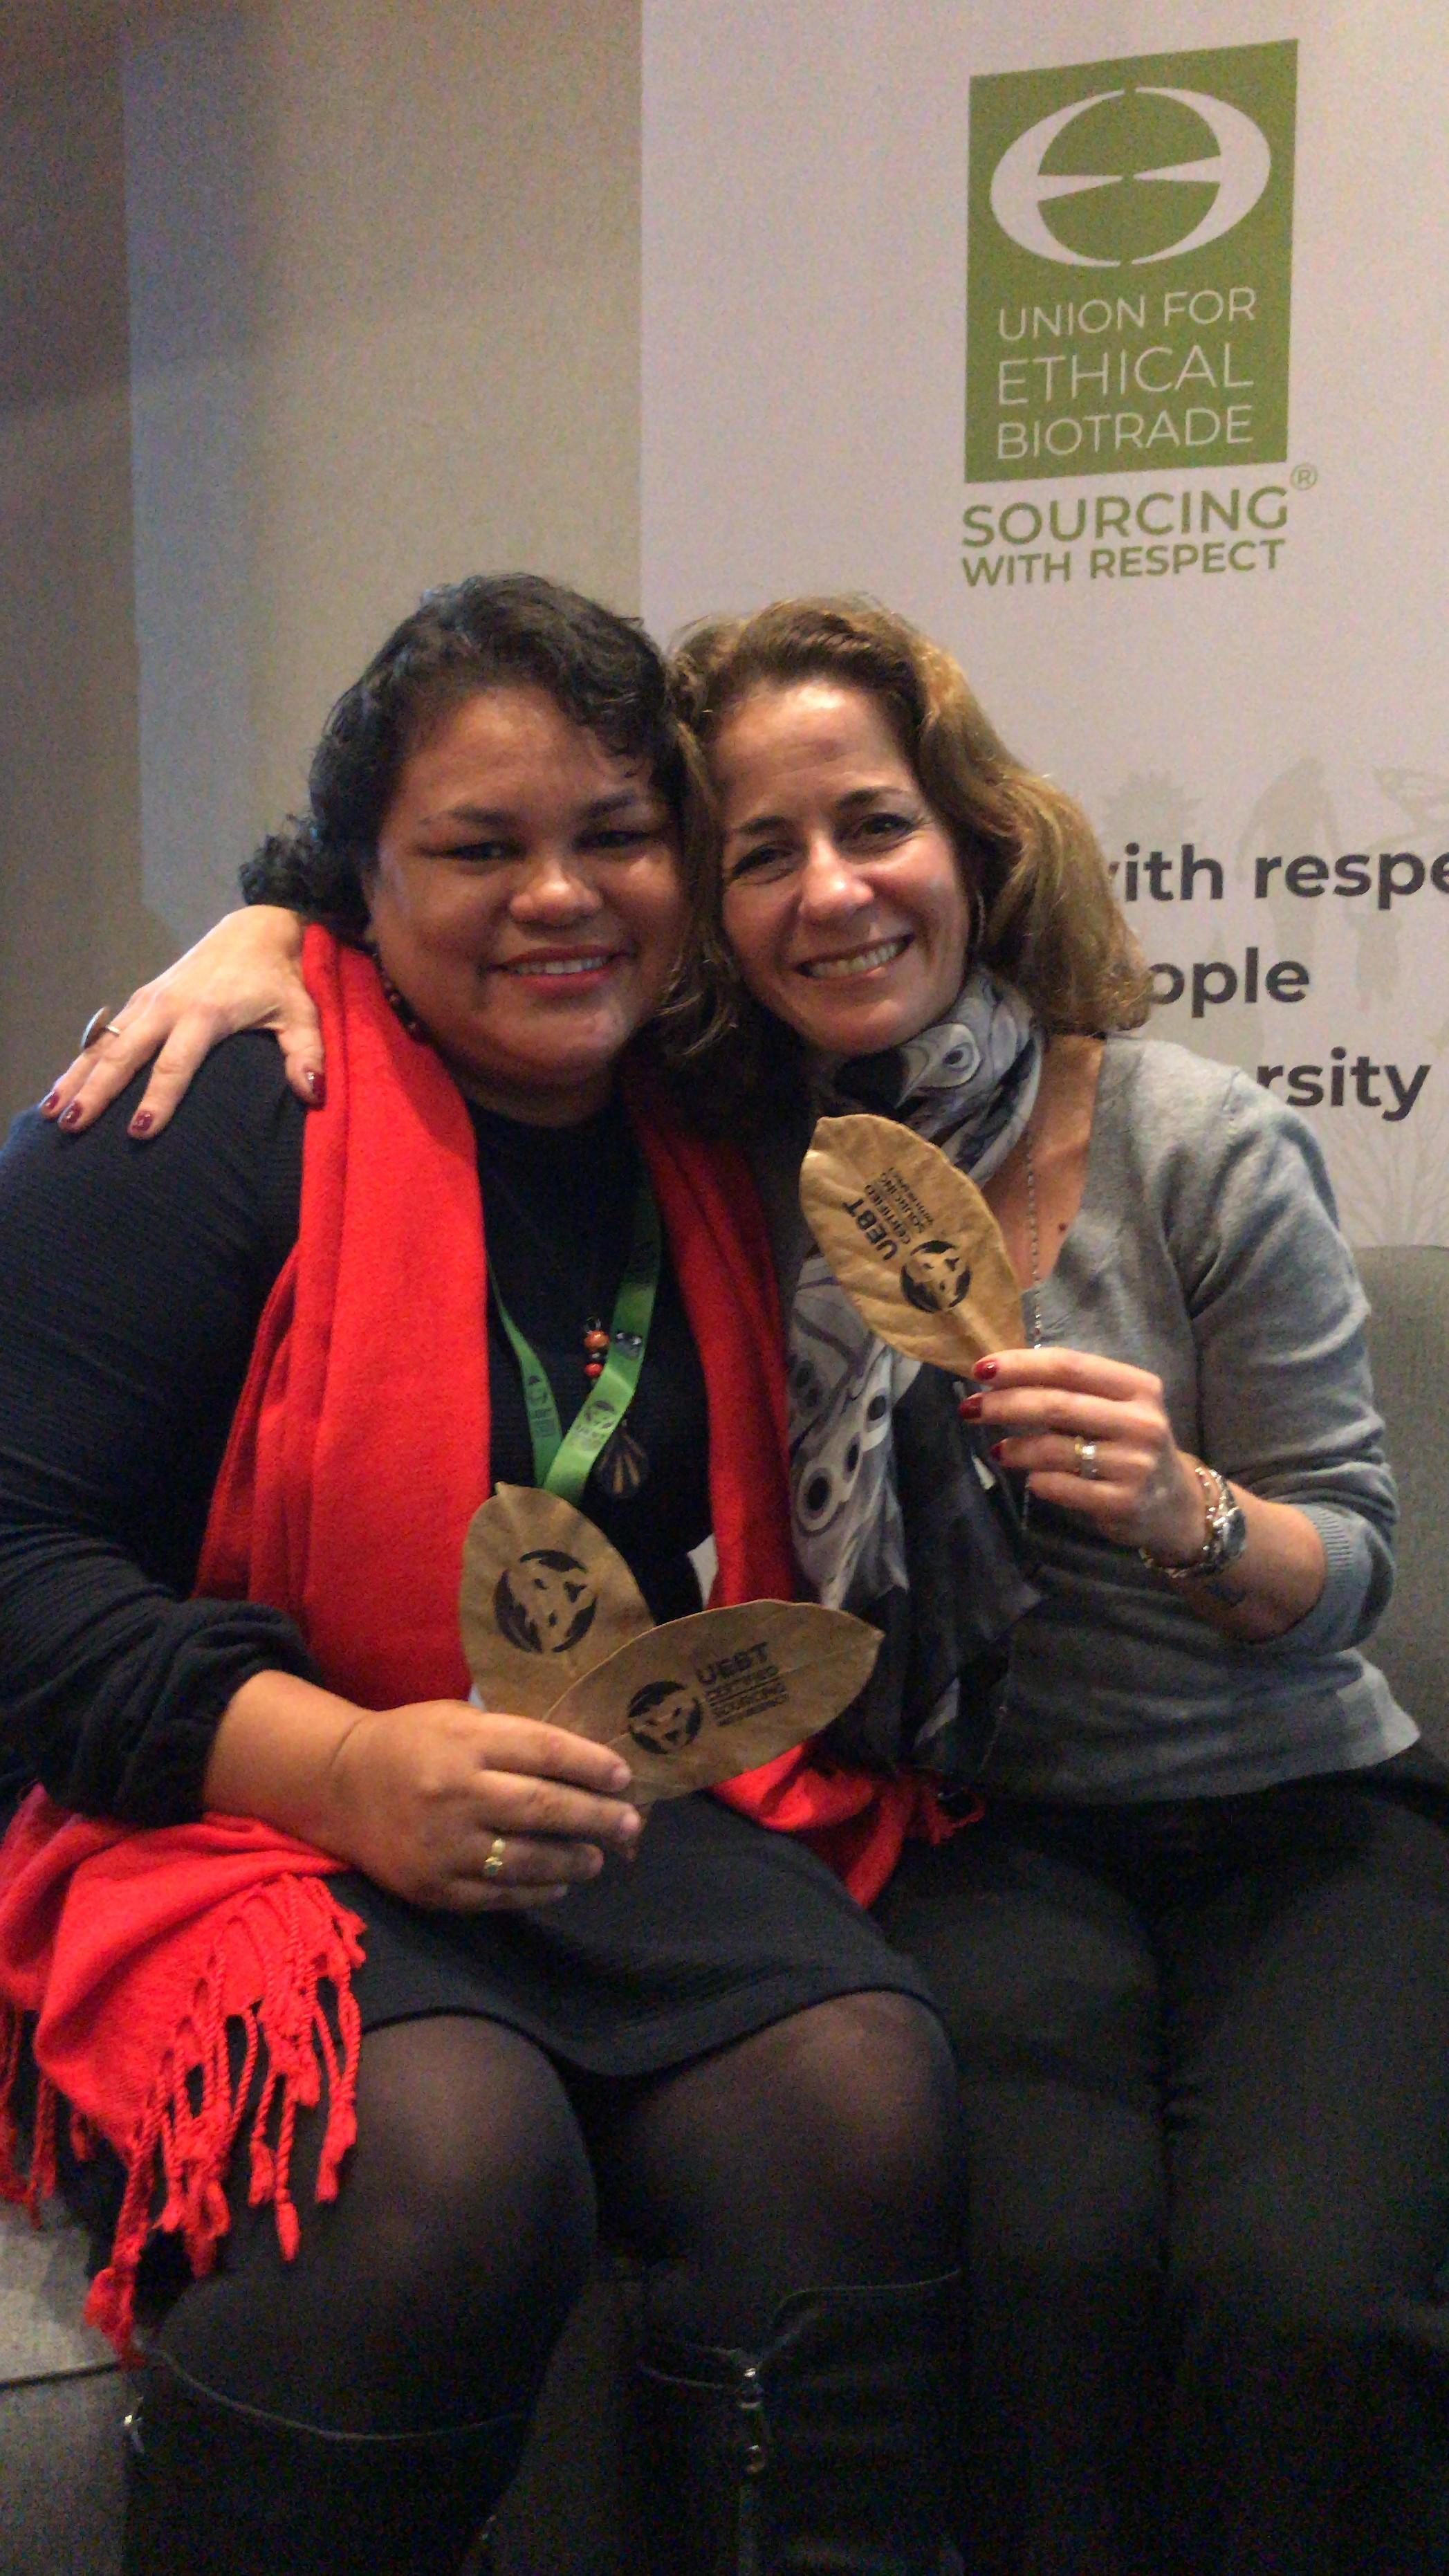 A tecnóloga comemora a conquista do selo da UEBT junto a vice-presidente de marketing da Natura, Andrea Álvares (Foto: Divulgação)